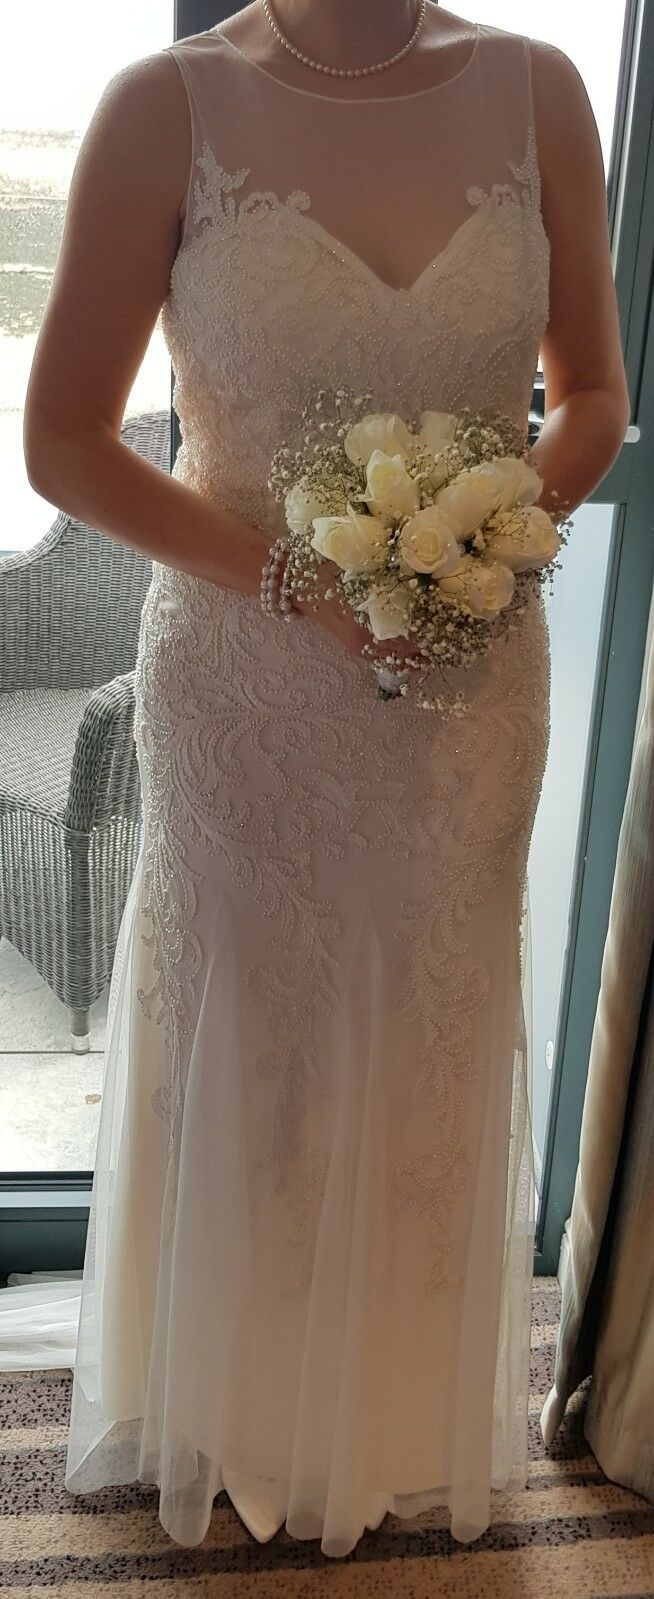 Size 12 Phase Eight Wedding Dress.